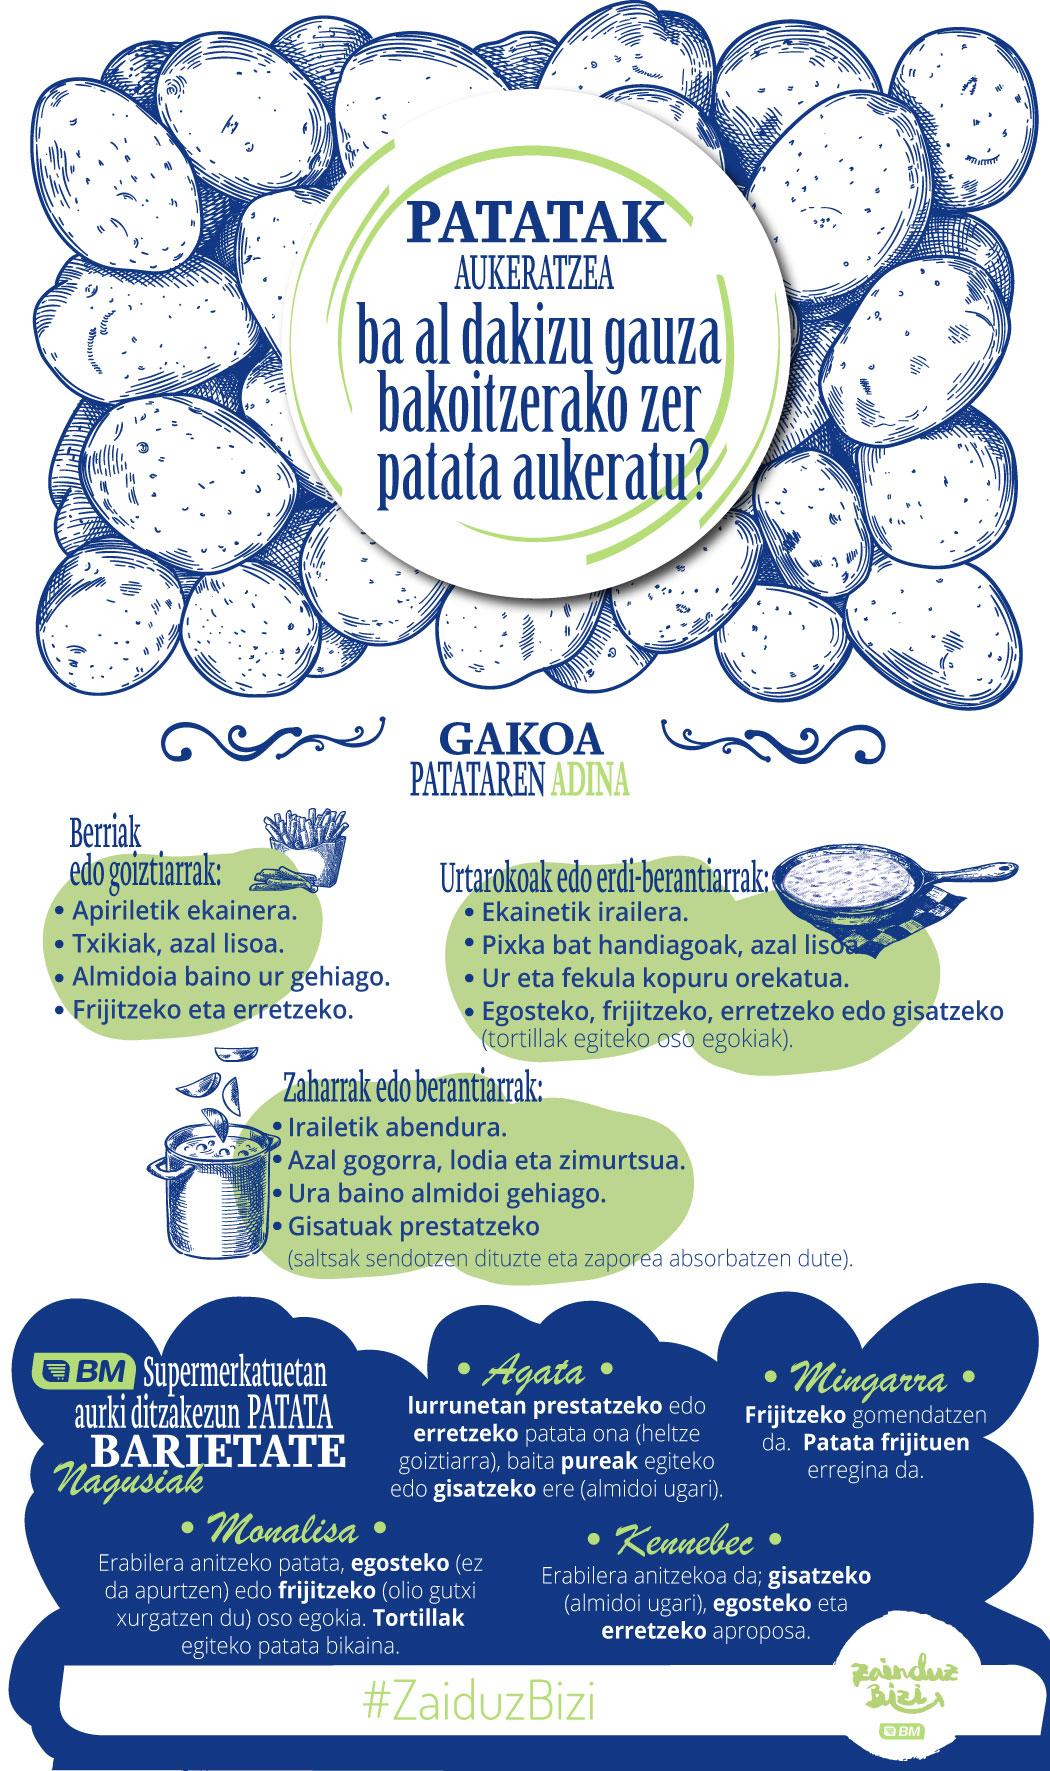 Patatak aukeratzea: ba al dakizu gauza bakoitzerako zer patata aukeratu?